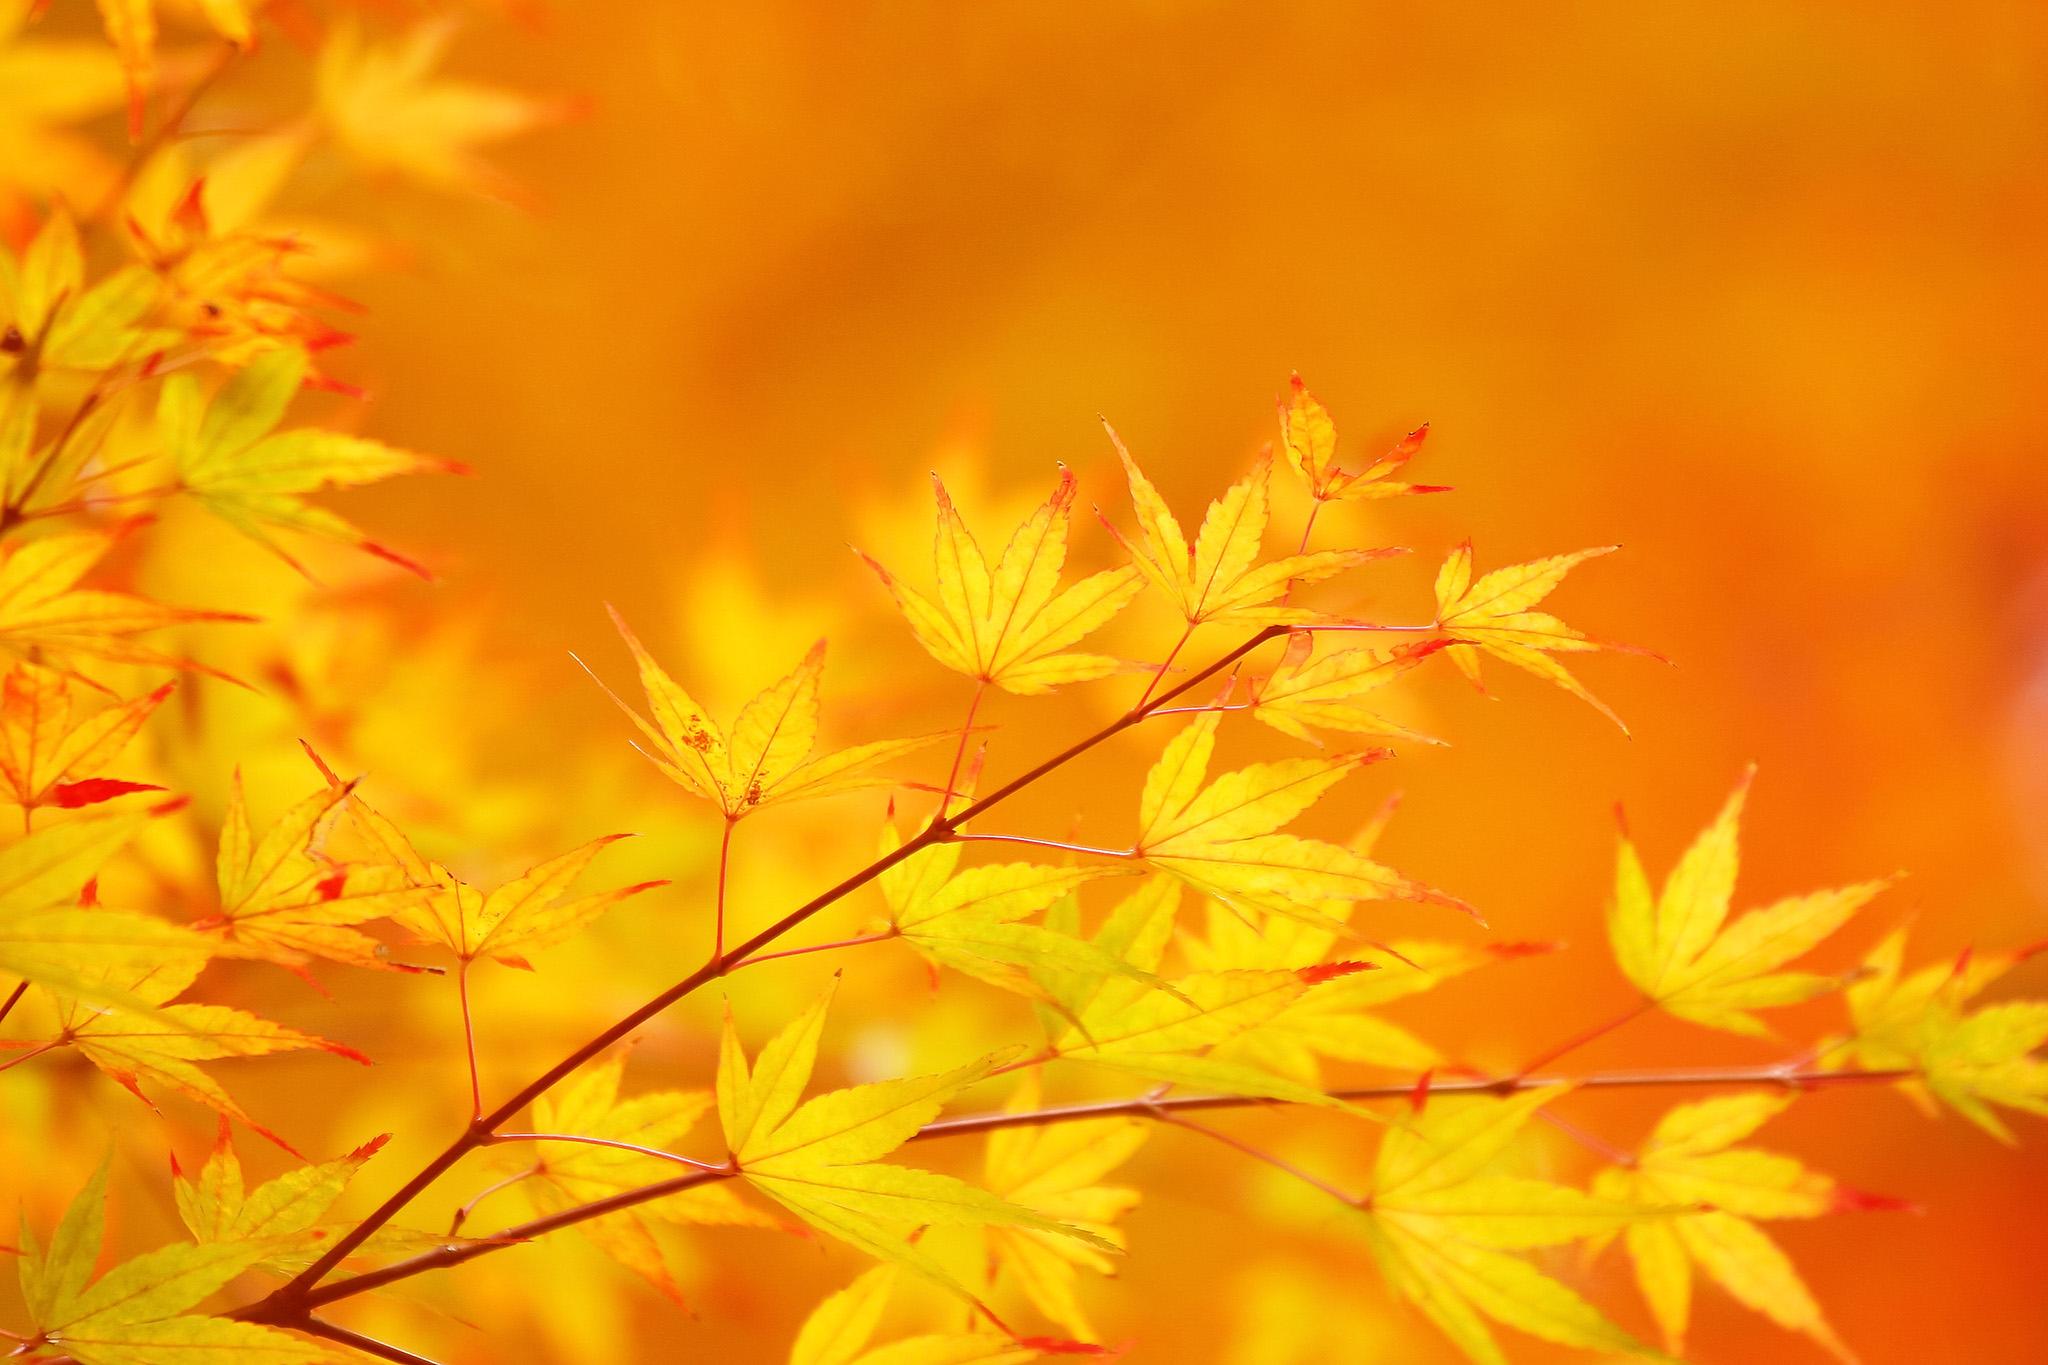 「葉先が赤く染まり始めた黄葉」